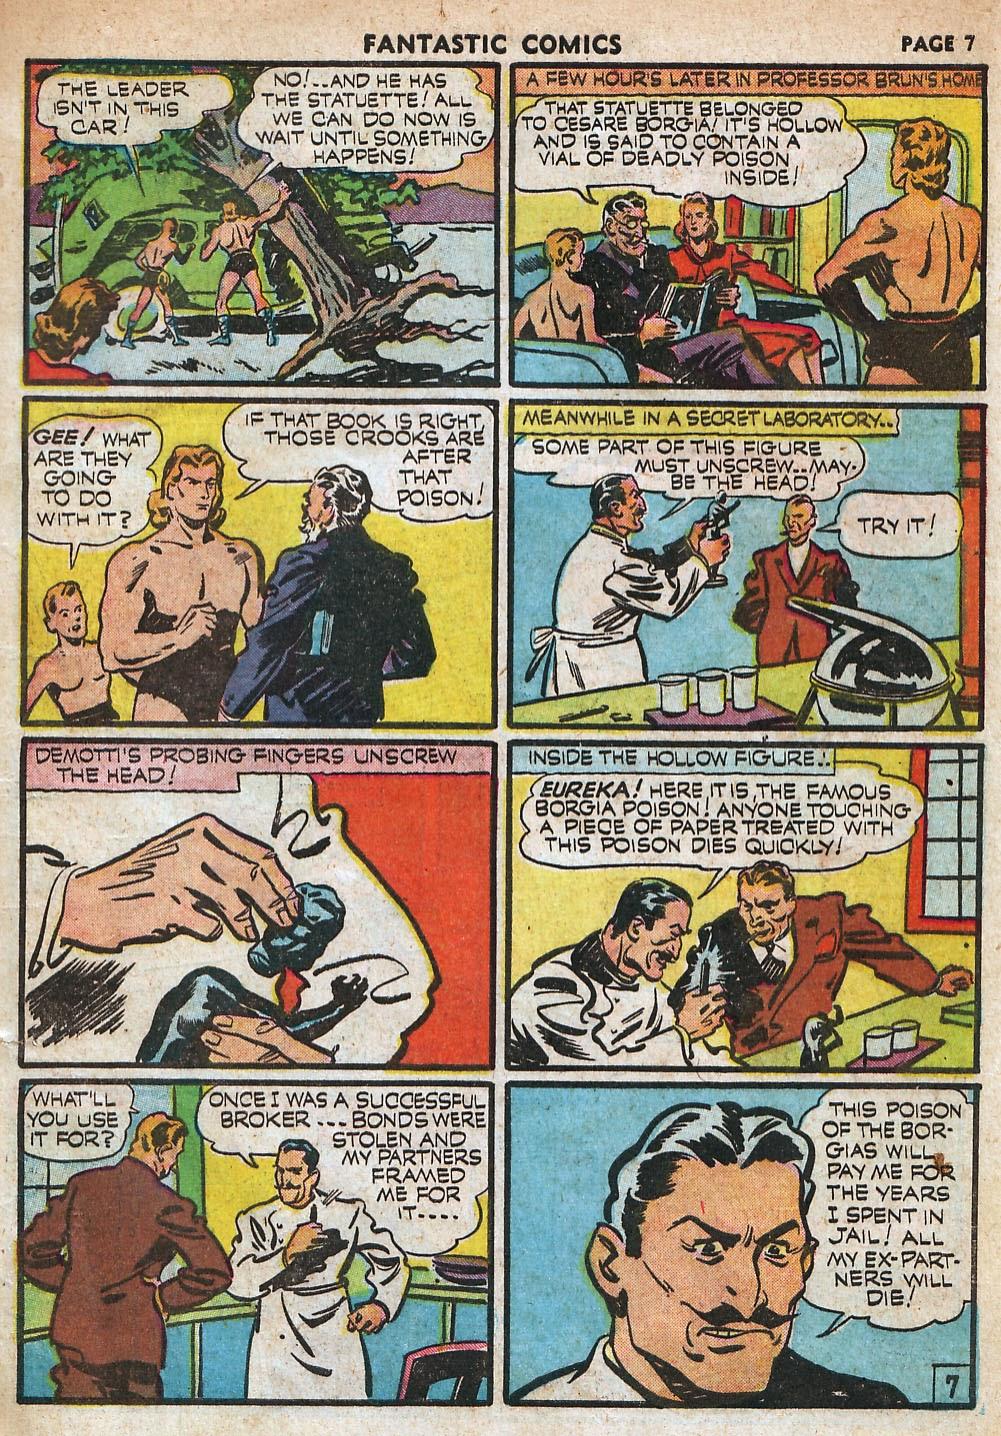 Read online Fantastic Comics comic -  Issue #18 - 9